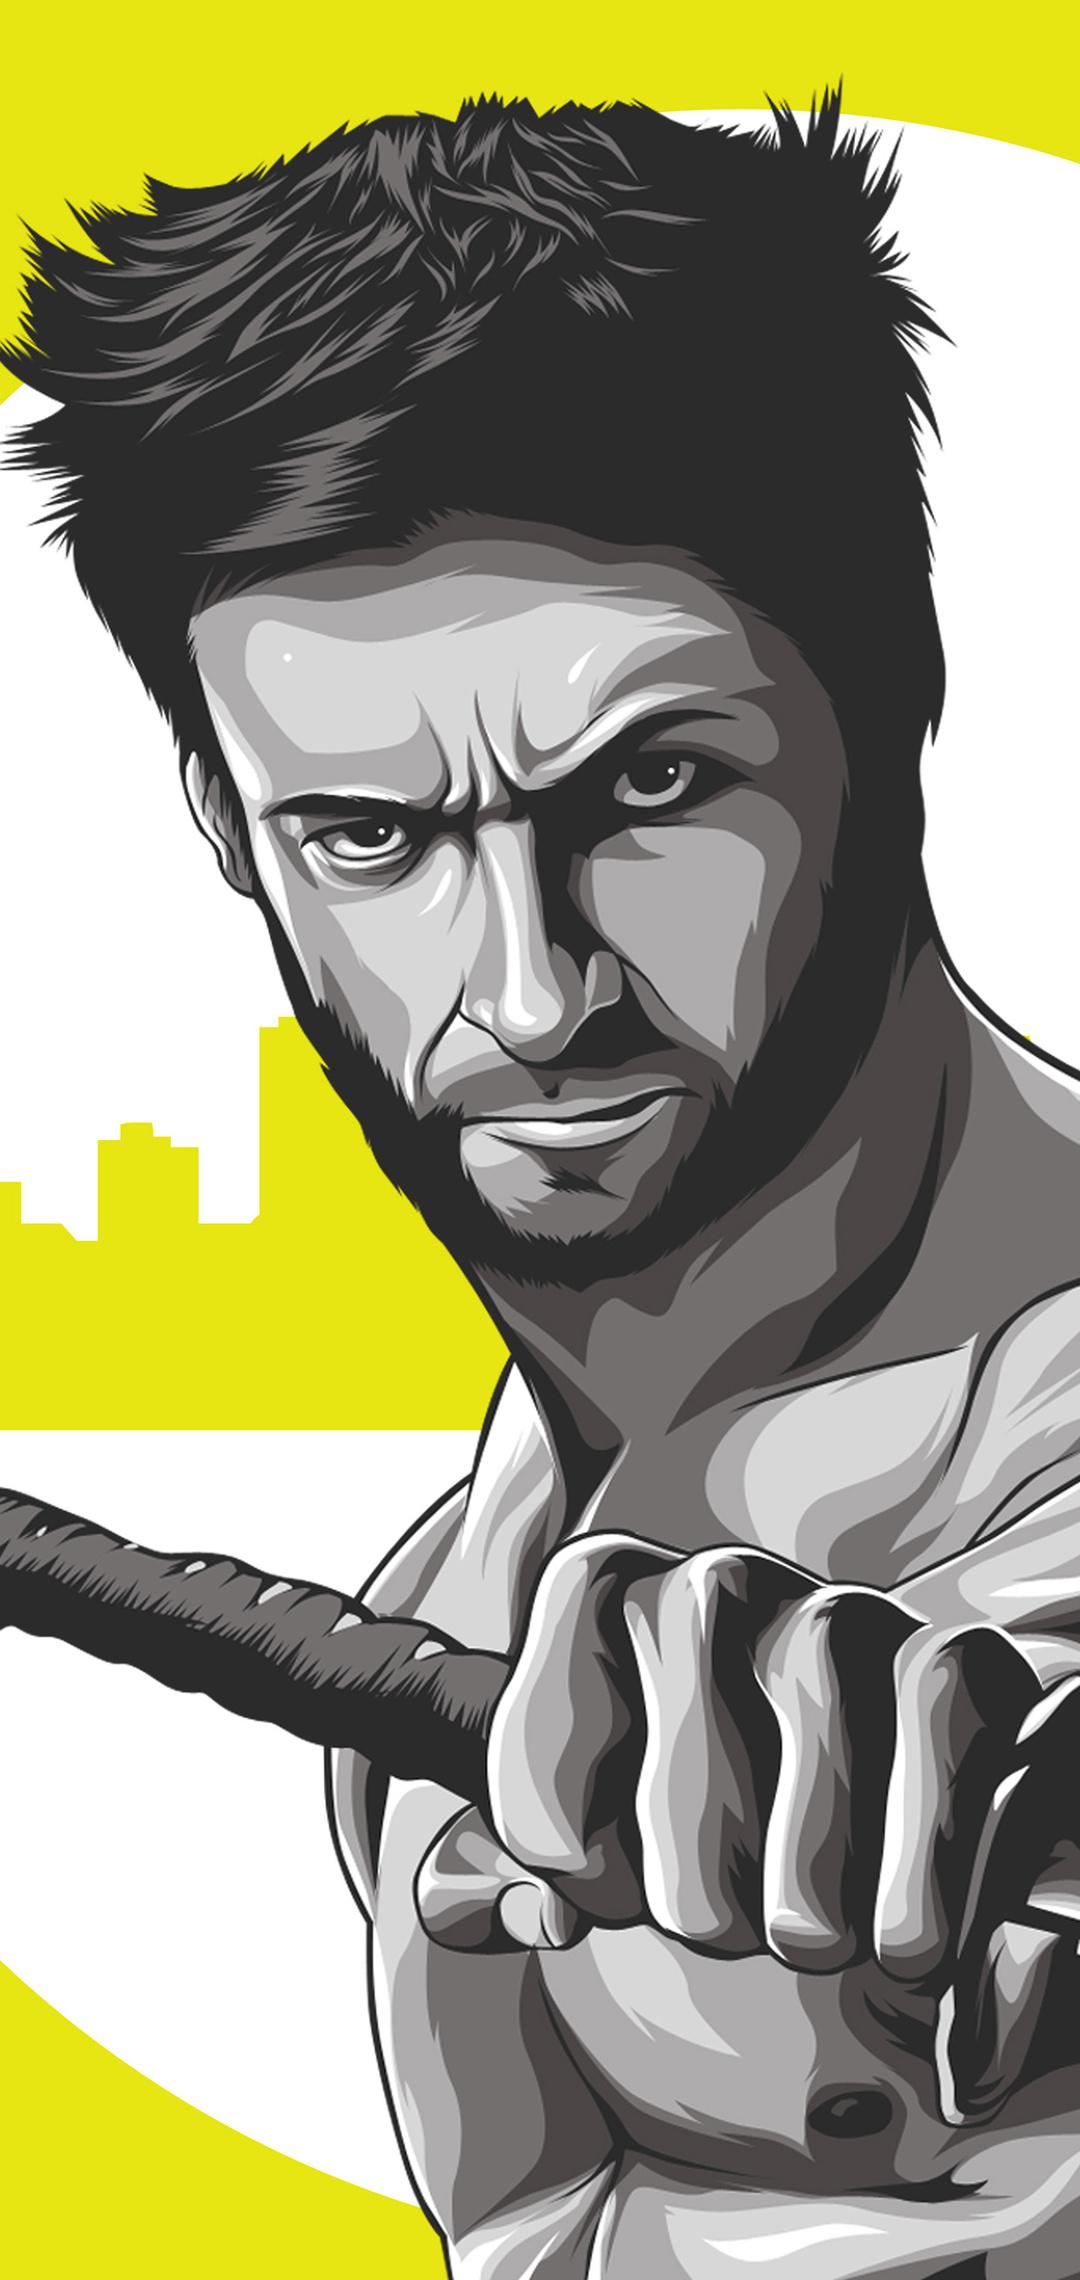 wolverine-4k-illustration-3f.jpg